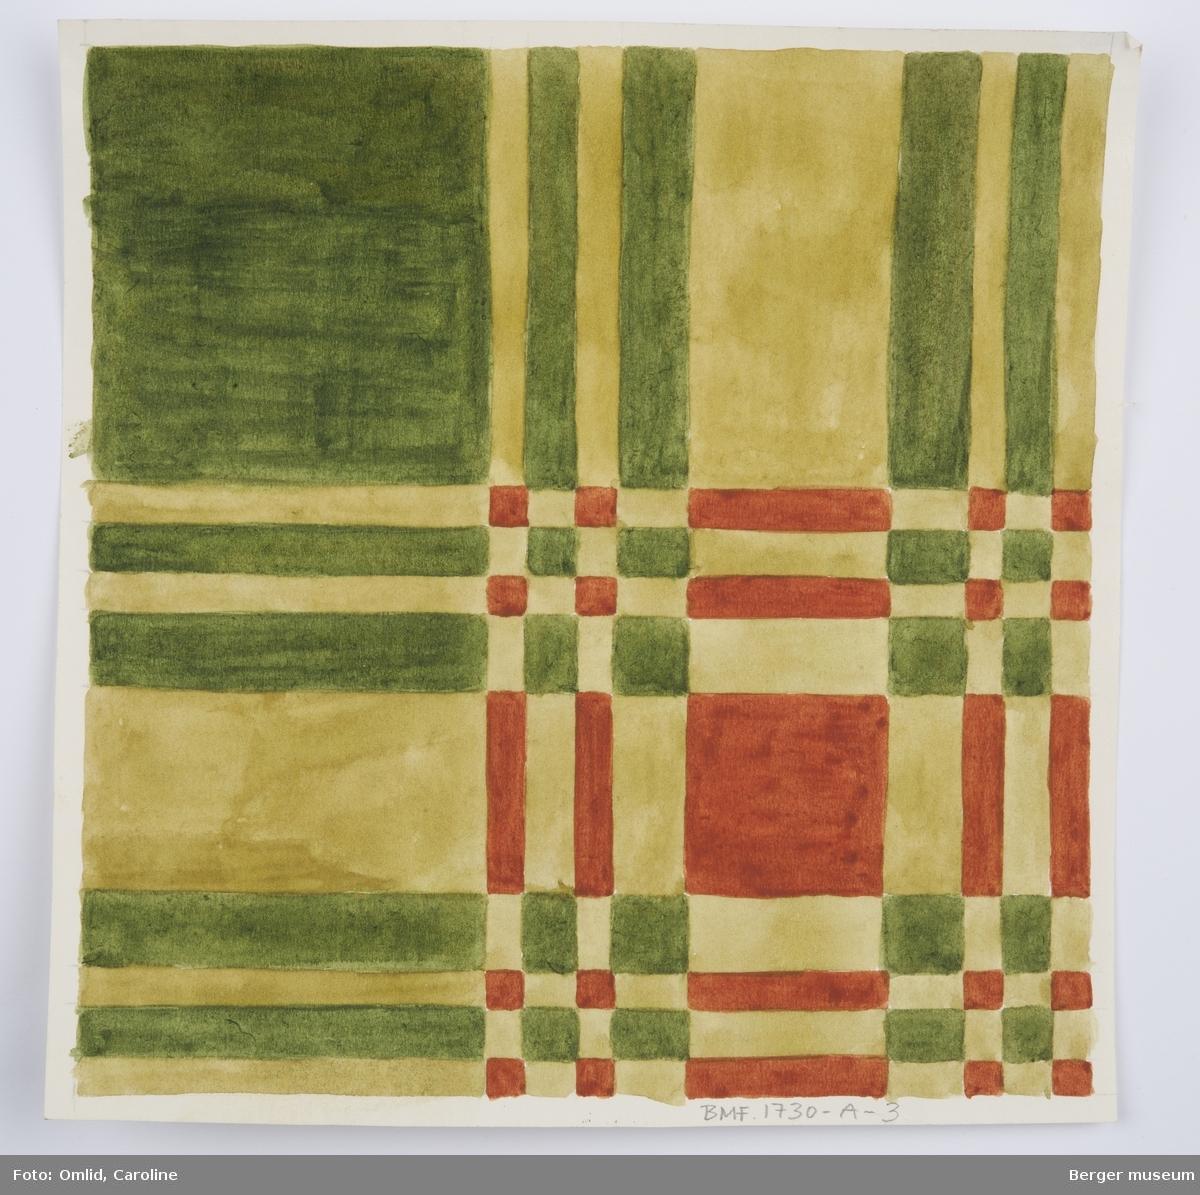 Rutemønster inspirert av skotskrutete kiltmønster, der innslag og renningsfarger krysser hverandre.